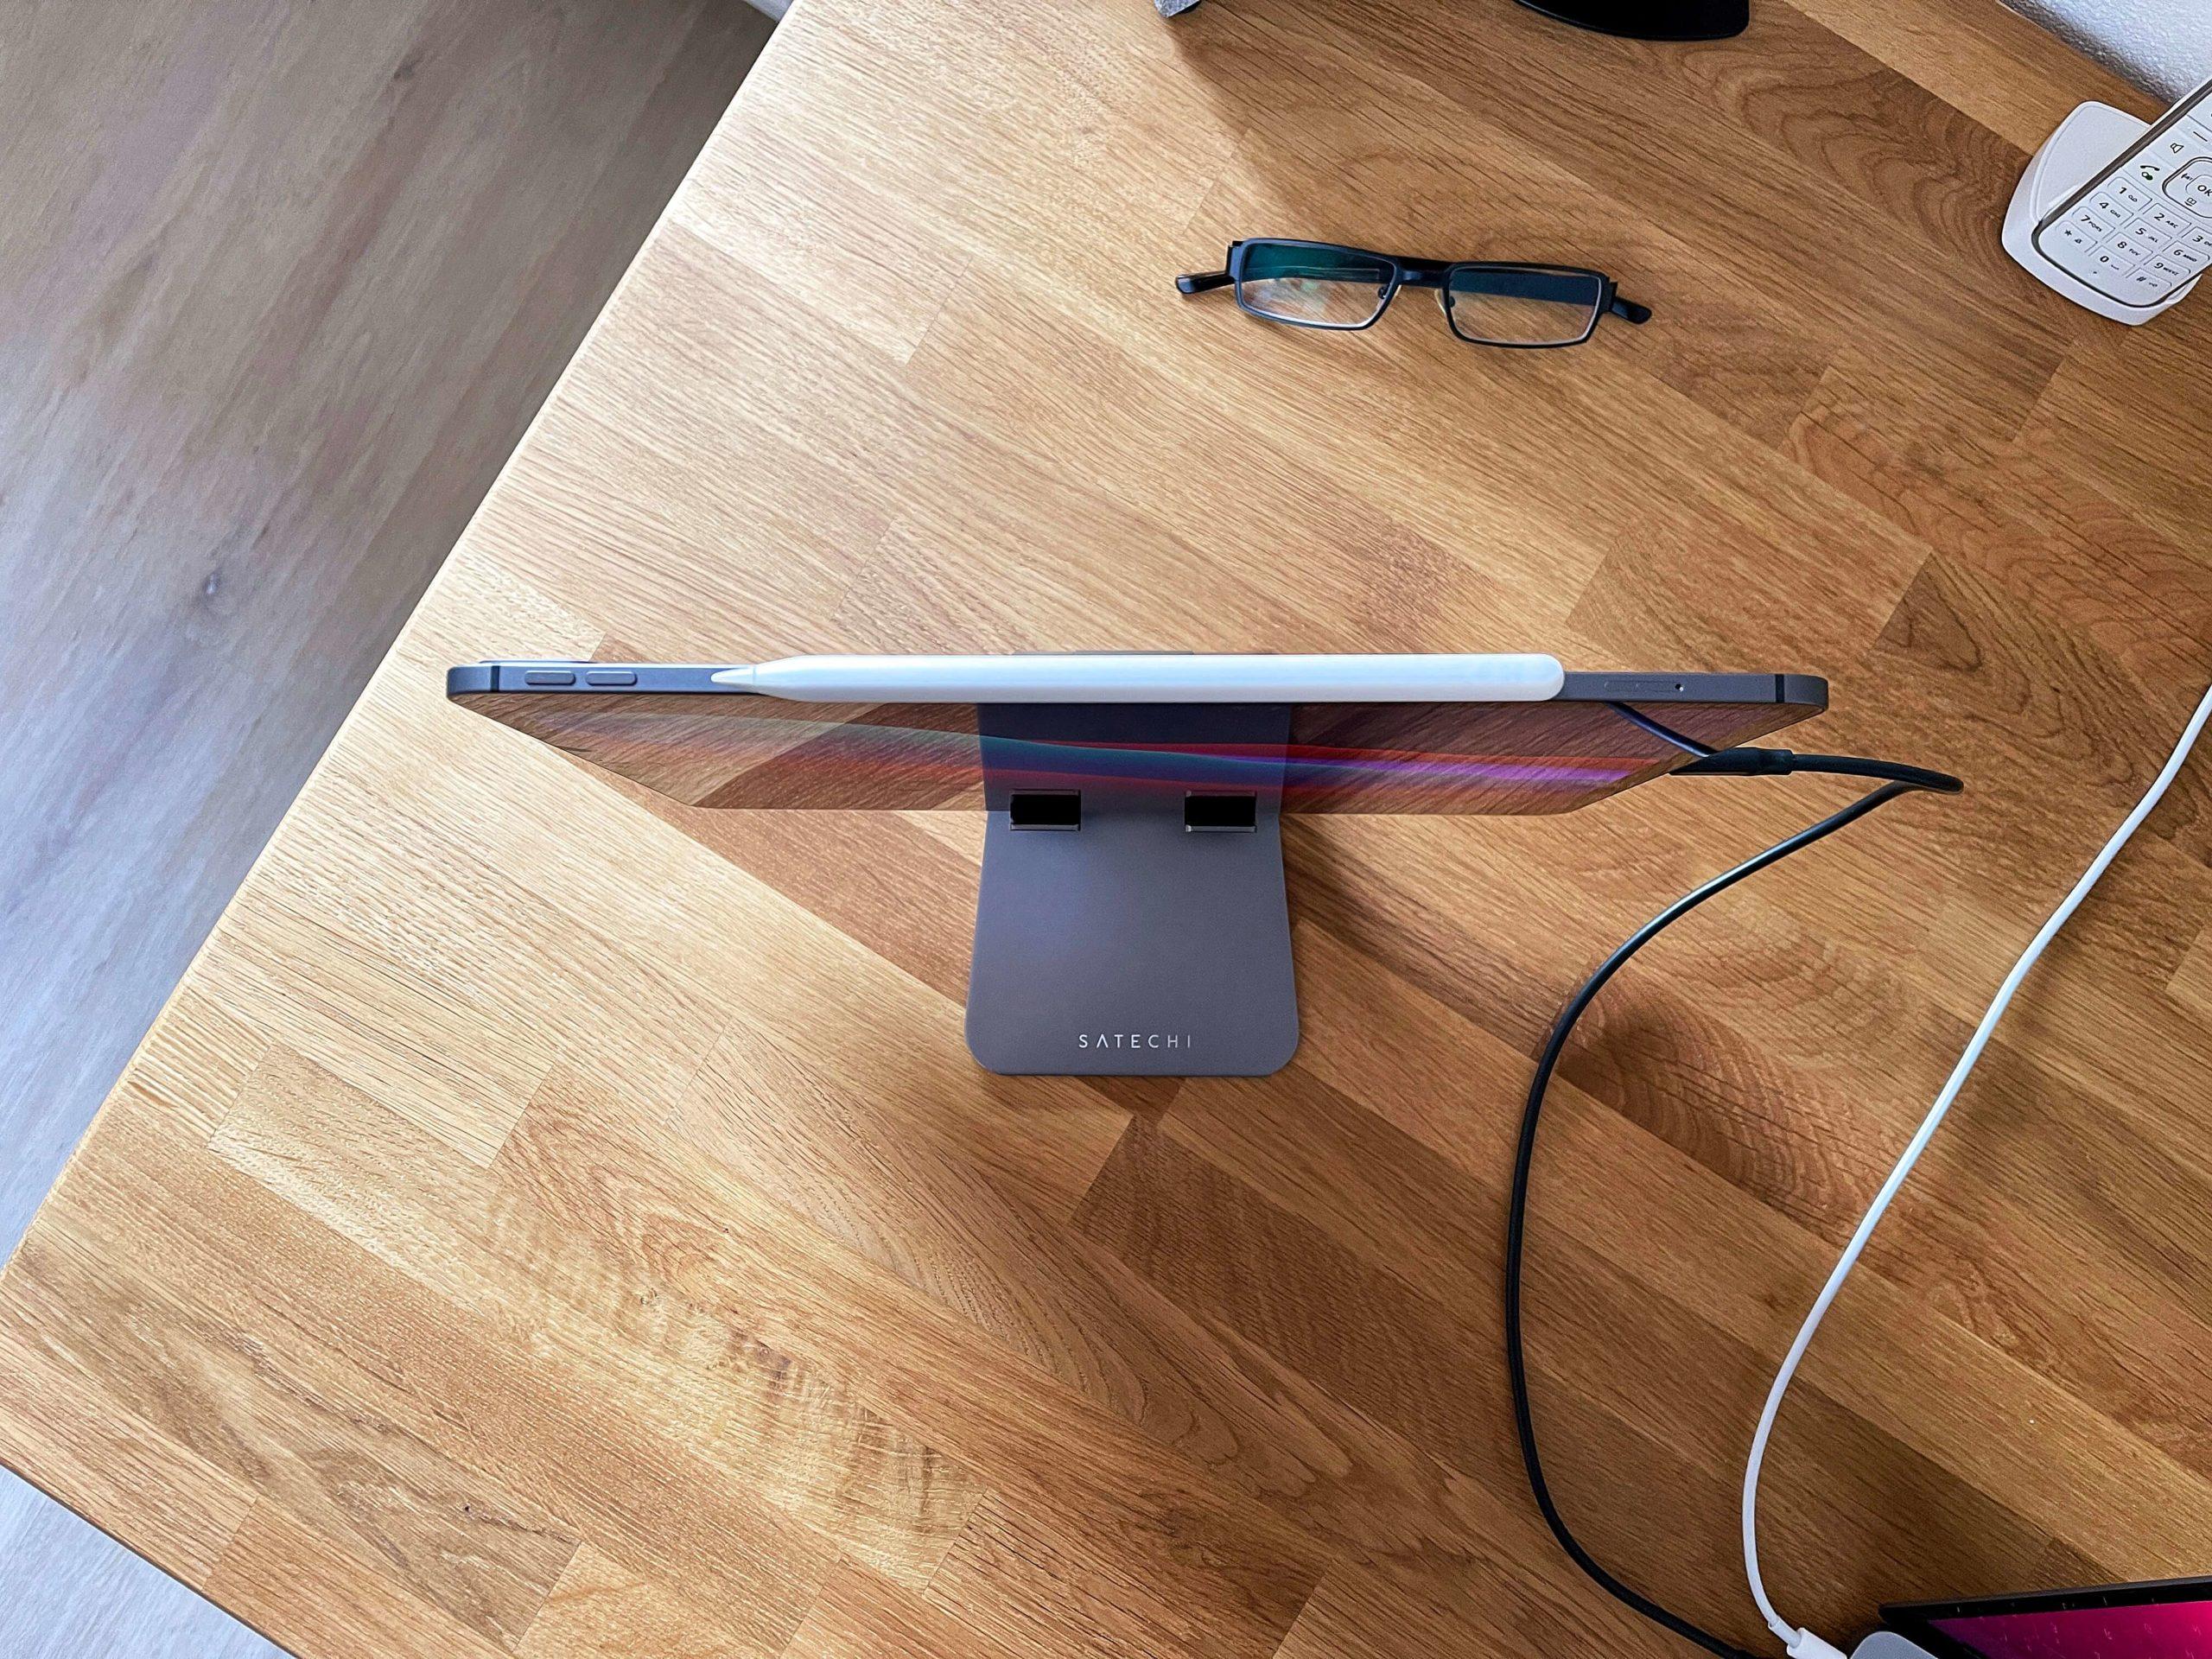 Klappbarer-Tablet-Staender-R1-von-Satechi-das-iPad-immer-korrekt-aufgestellt2-scaled Klappbarer Tablet-Ständer R1 von Satechi - das iPad immer korrekt aufgestellt